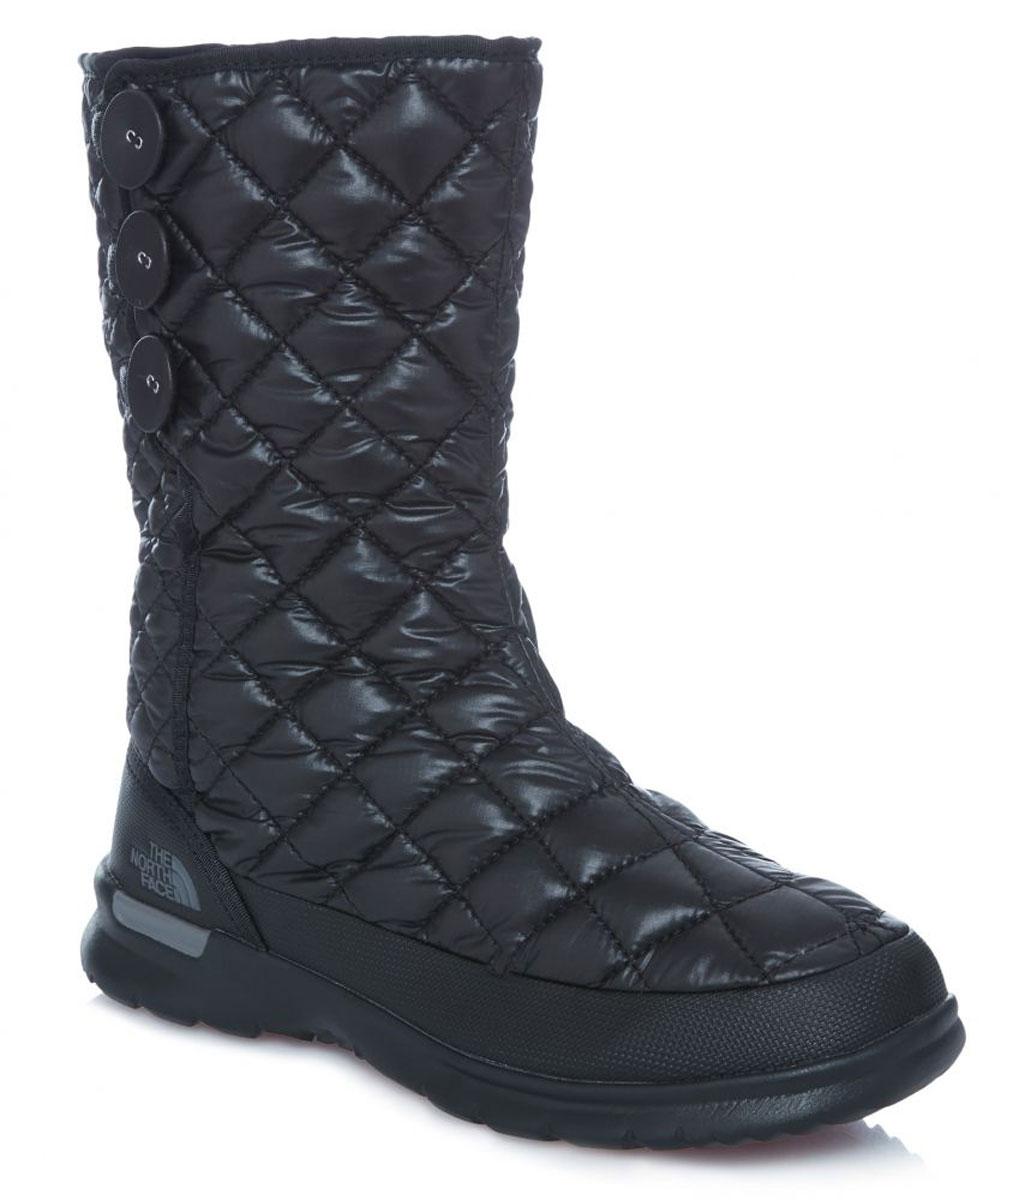 Сапоги женские The North Face W Thrmoball Button Up, цвет: черный. T92T5KNSX. Размер 8 (38)T92T5KNSXЛегкие и удобные стильные сапоги на пуговицах с регулируемым подгибом обеспечивают комфорт и великолепный внешний вид. Утеплитель Thermoball™ сохраняет тепло ног на снежной тропе, а благодаря протекторам IcePick®, вы никогда не поскользнетесь на обратном пути к лагерю. Стелька OrthoLite® ReBound и регулируемая посадка с флисовой подкладкой обеспечивают максимальный комфорт.